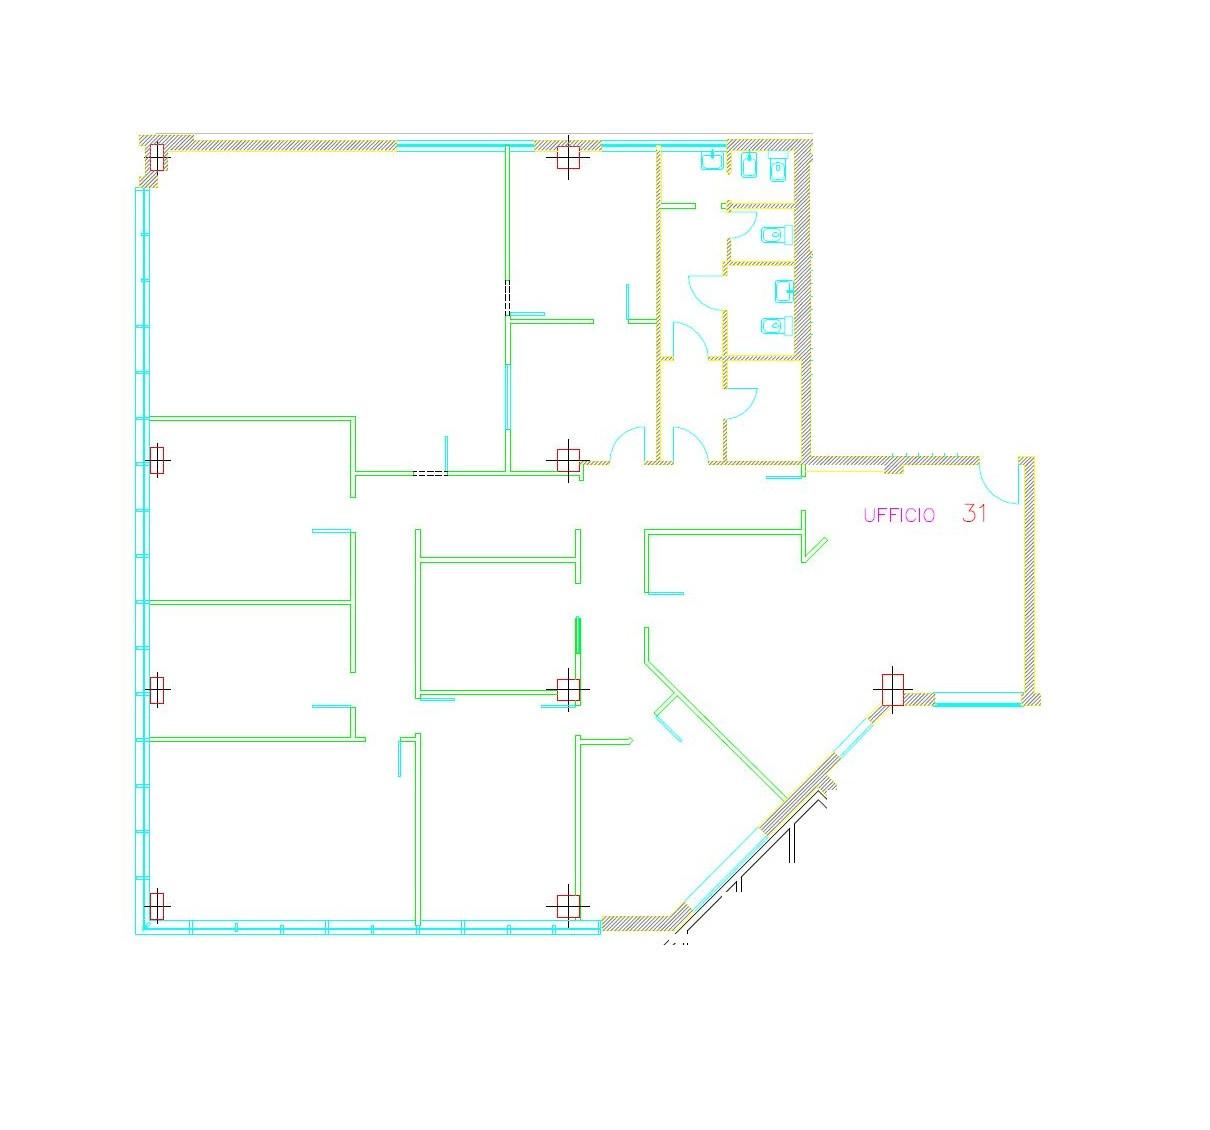 Ufficio / Studio in vendita a Grottammare, 9999 locali, zona Località: Lungomare, prezzo € 487.000 | Cambio Casa.it